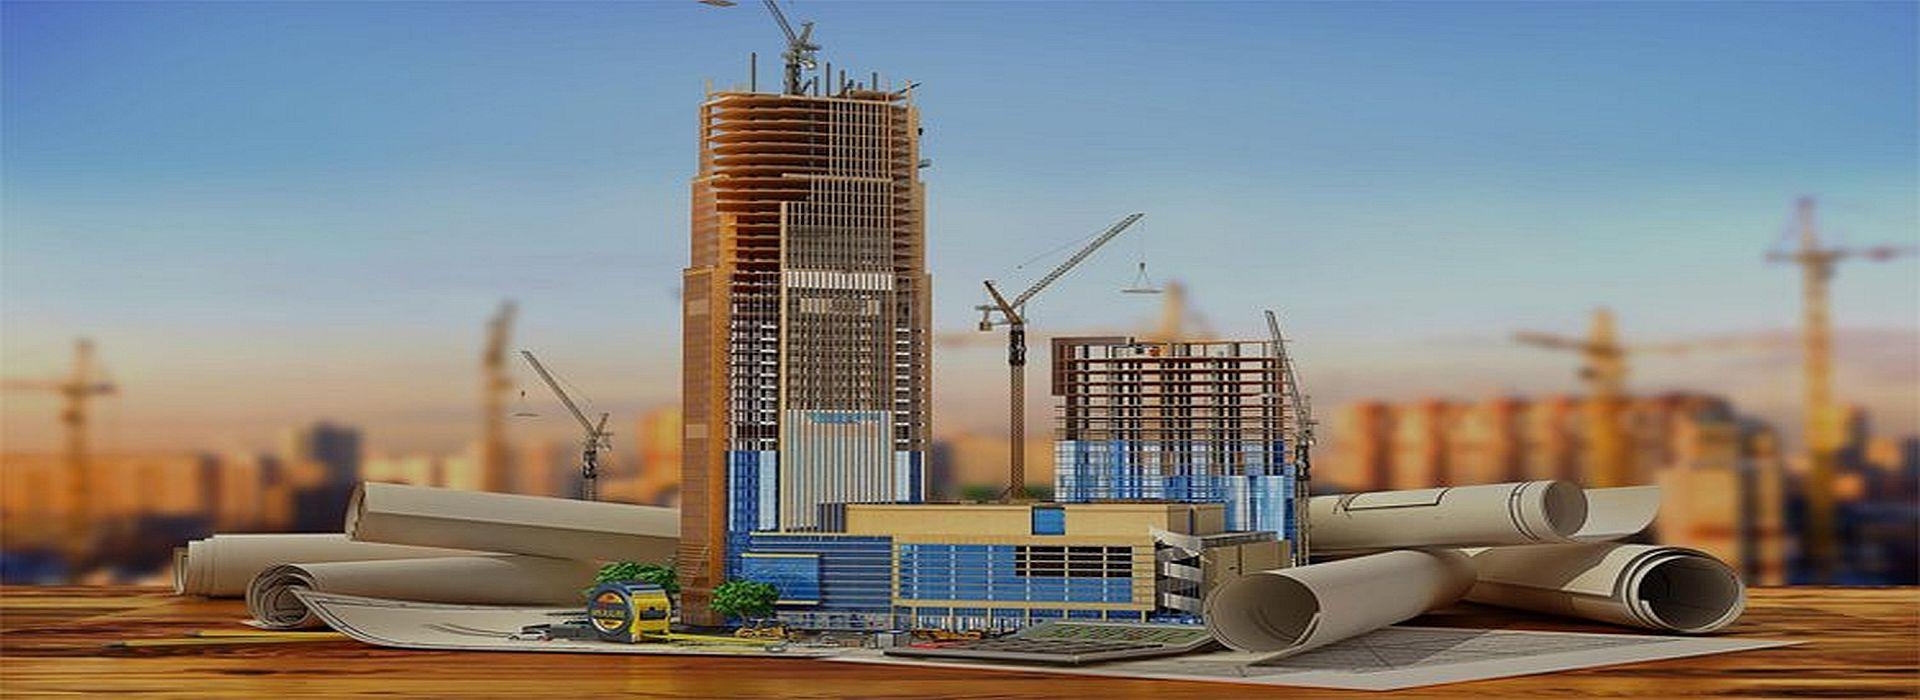 Svetainių kūrimas statybu įmonėms Slaid 1